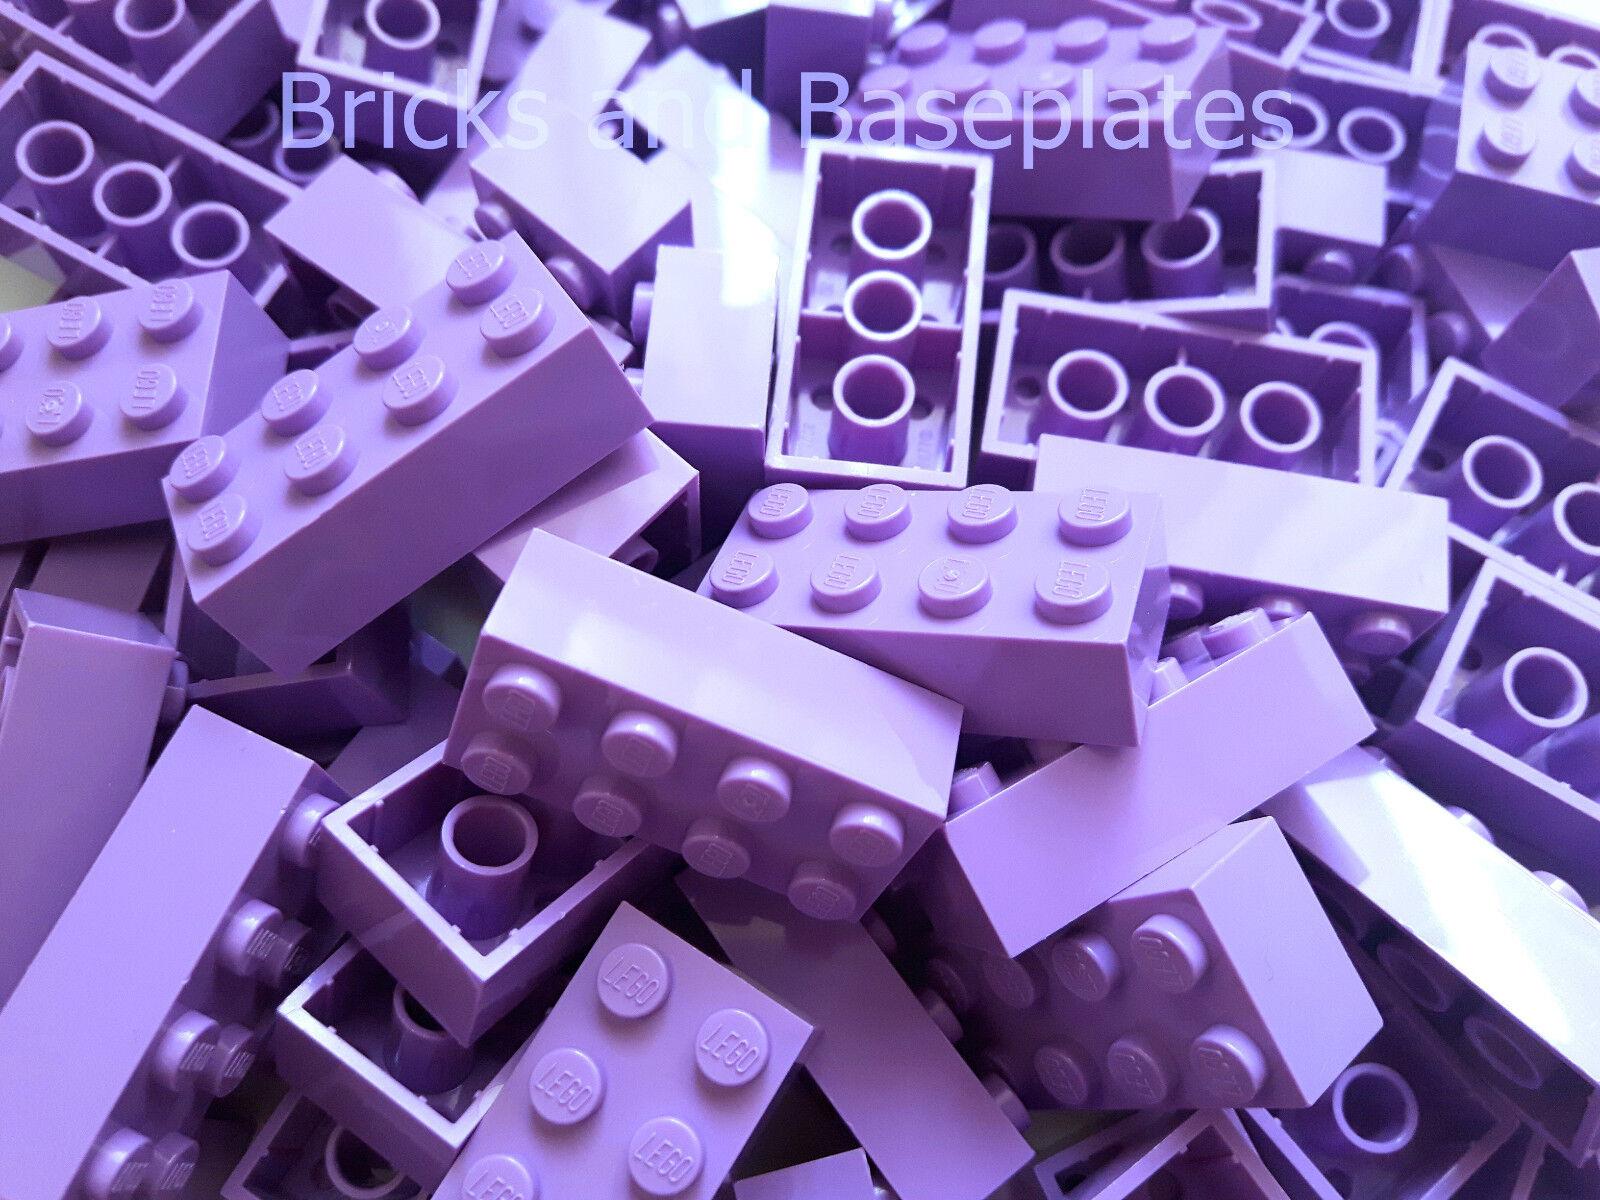 LEGO Mattoni  200 x Lavea 2x4 PIN-DA SET DI nuovo inviato in un sacchetto trasparente sigillati  elementi di novità